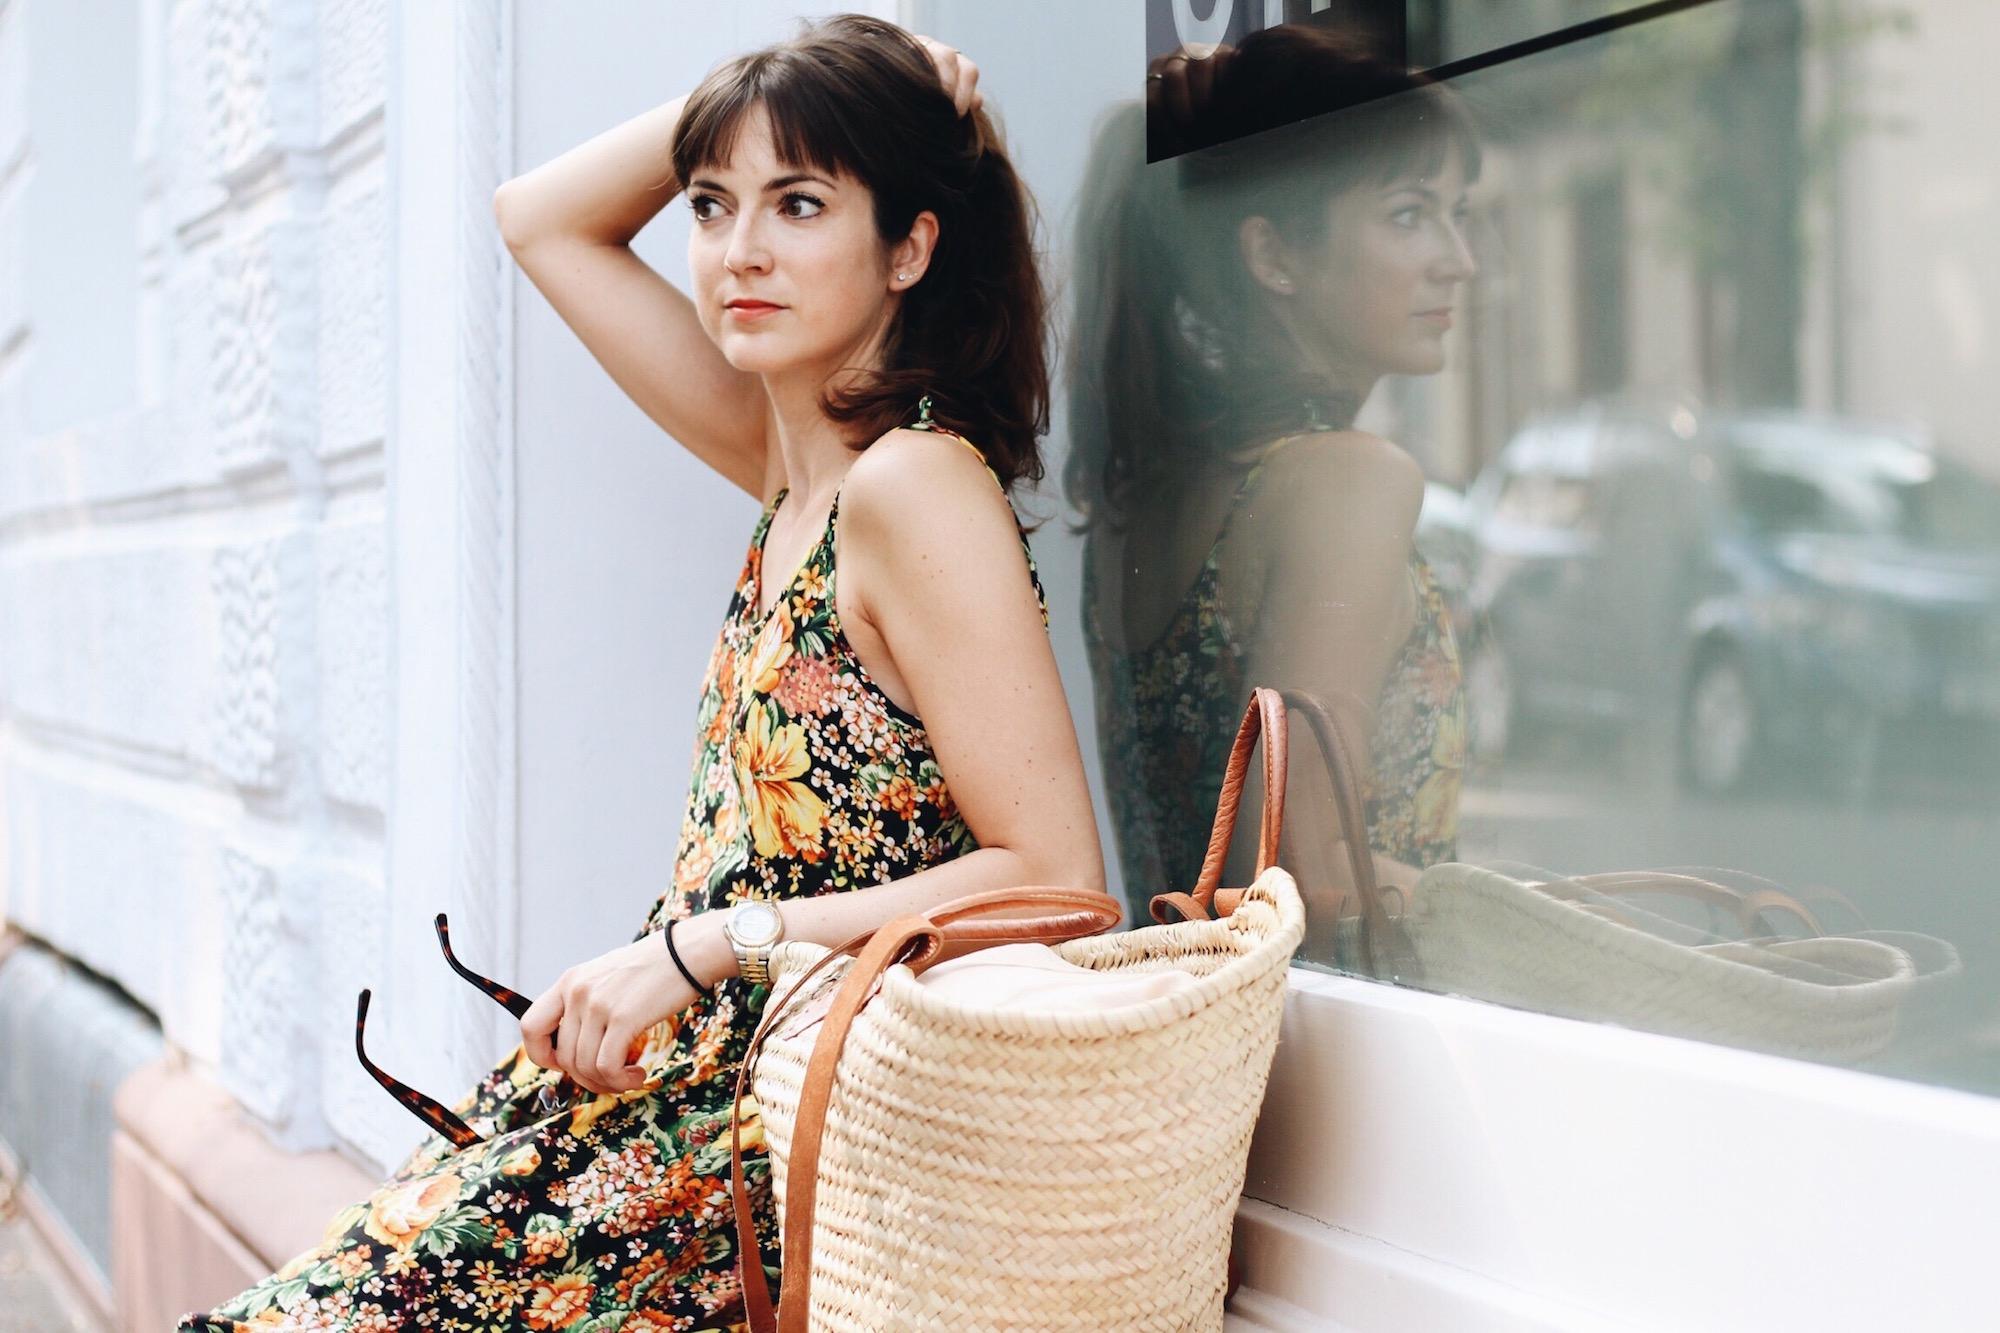 Für meinen Modeblog trage ich ein Sommerkleid mit Blumenmuster von Zara